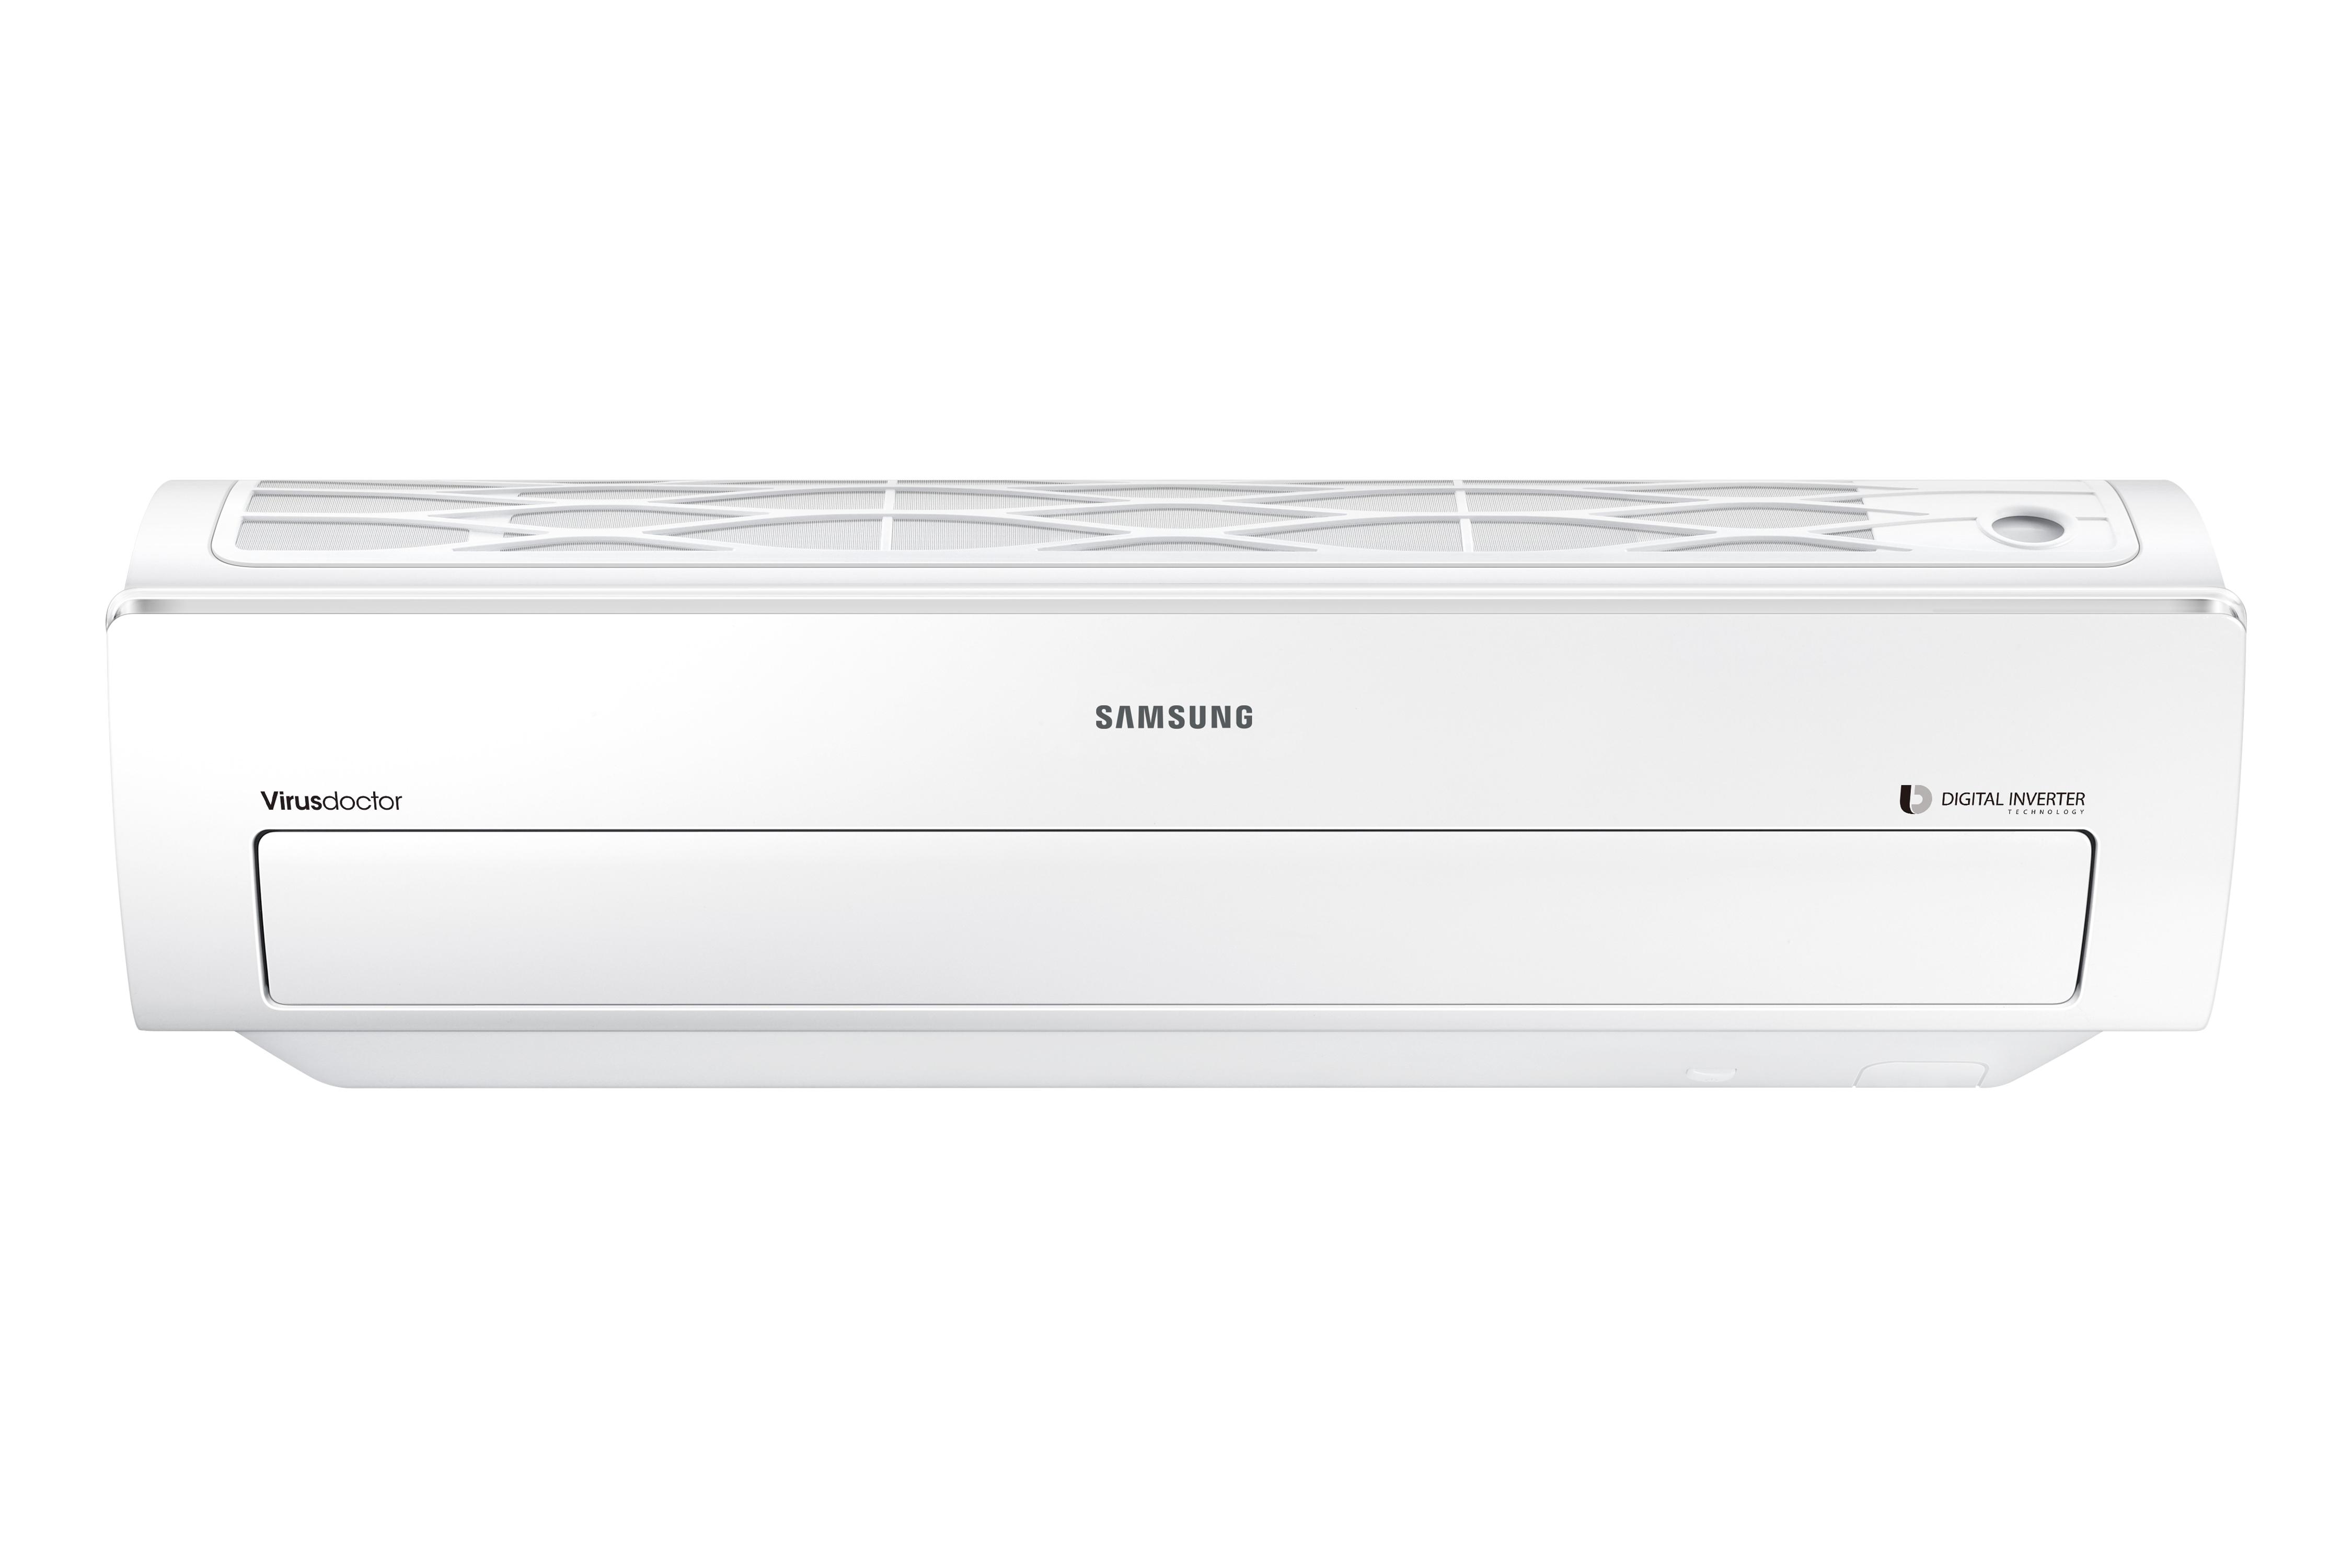 벽걸이에어컨 냉난방 (사용면적 : 24.4 ㎡) AR07K5190HV 화이트